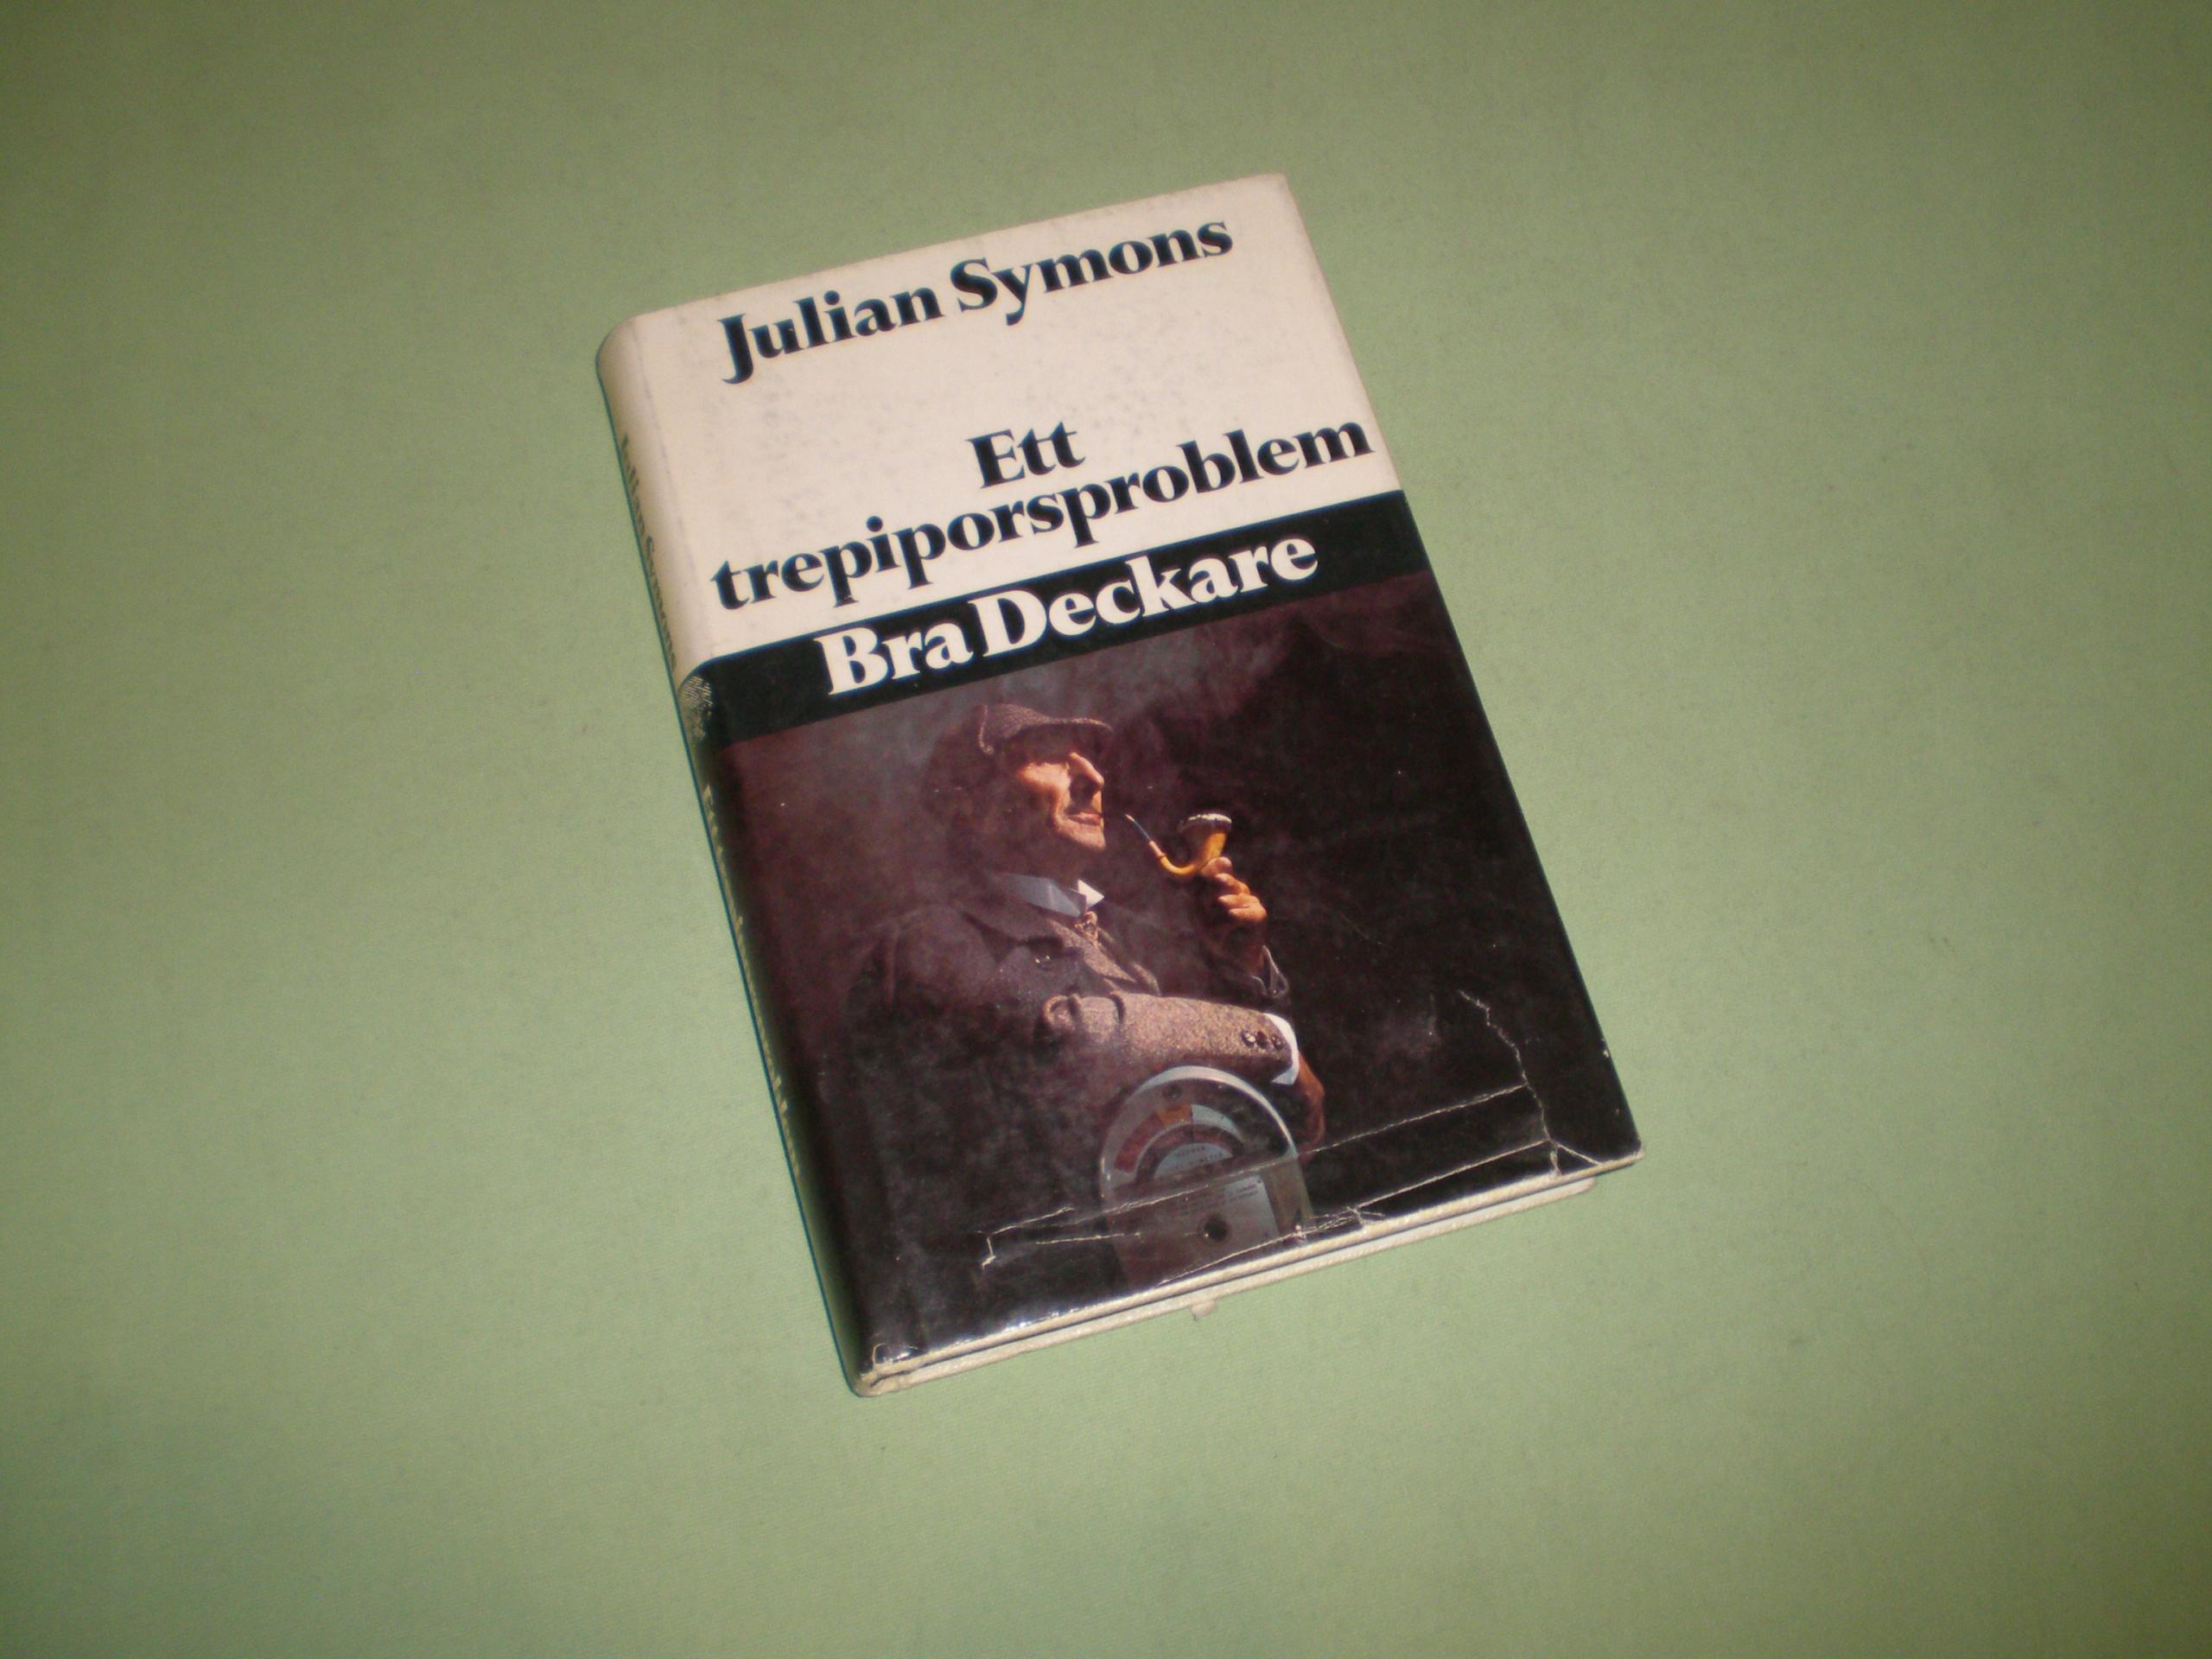 Julian Symons - Ett trepiporsproblem